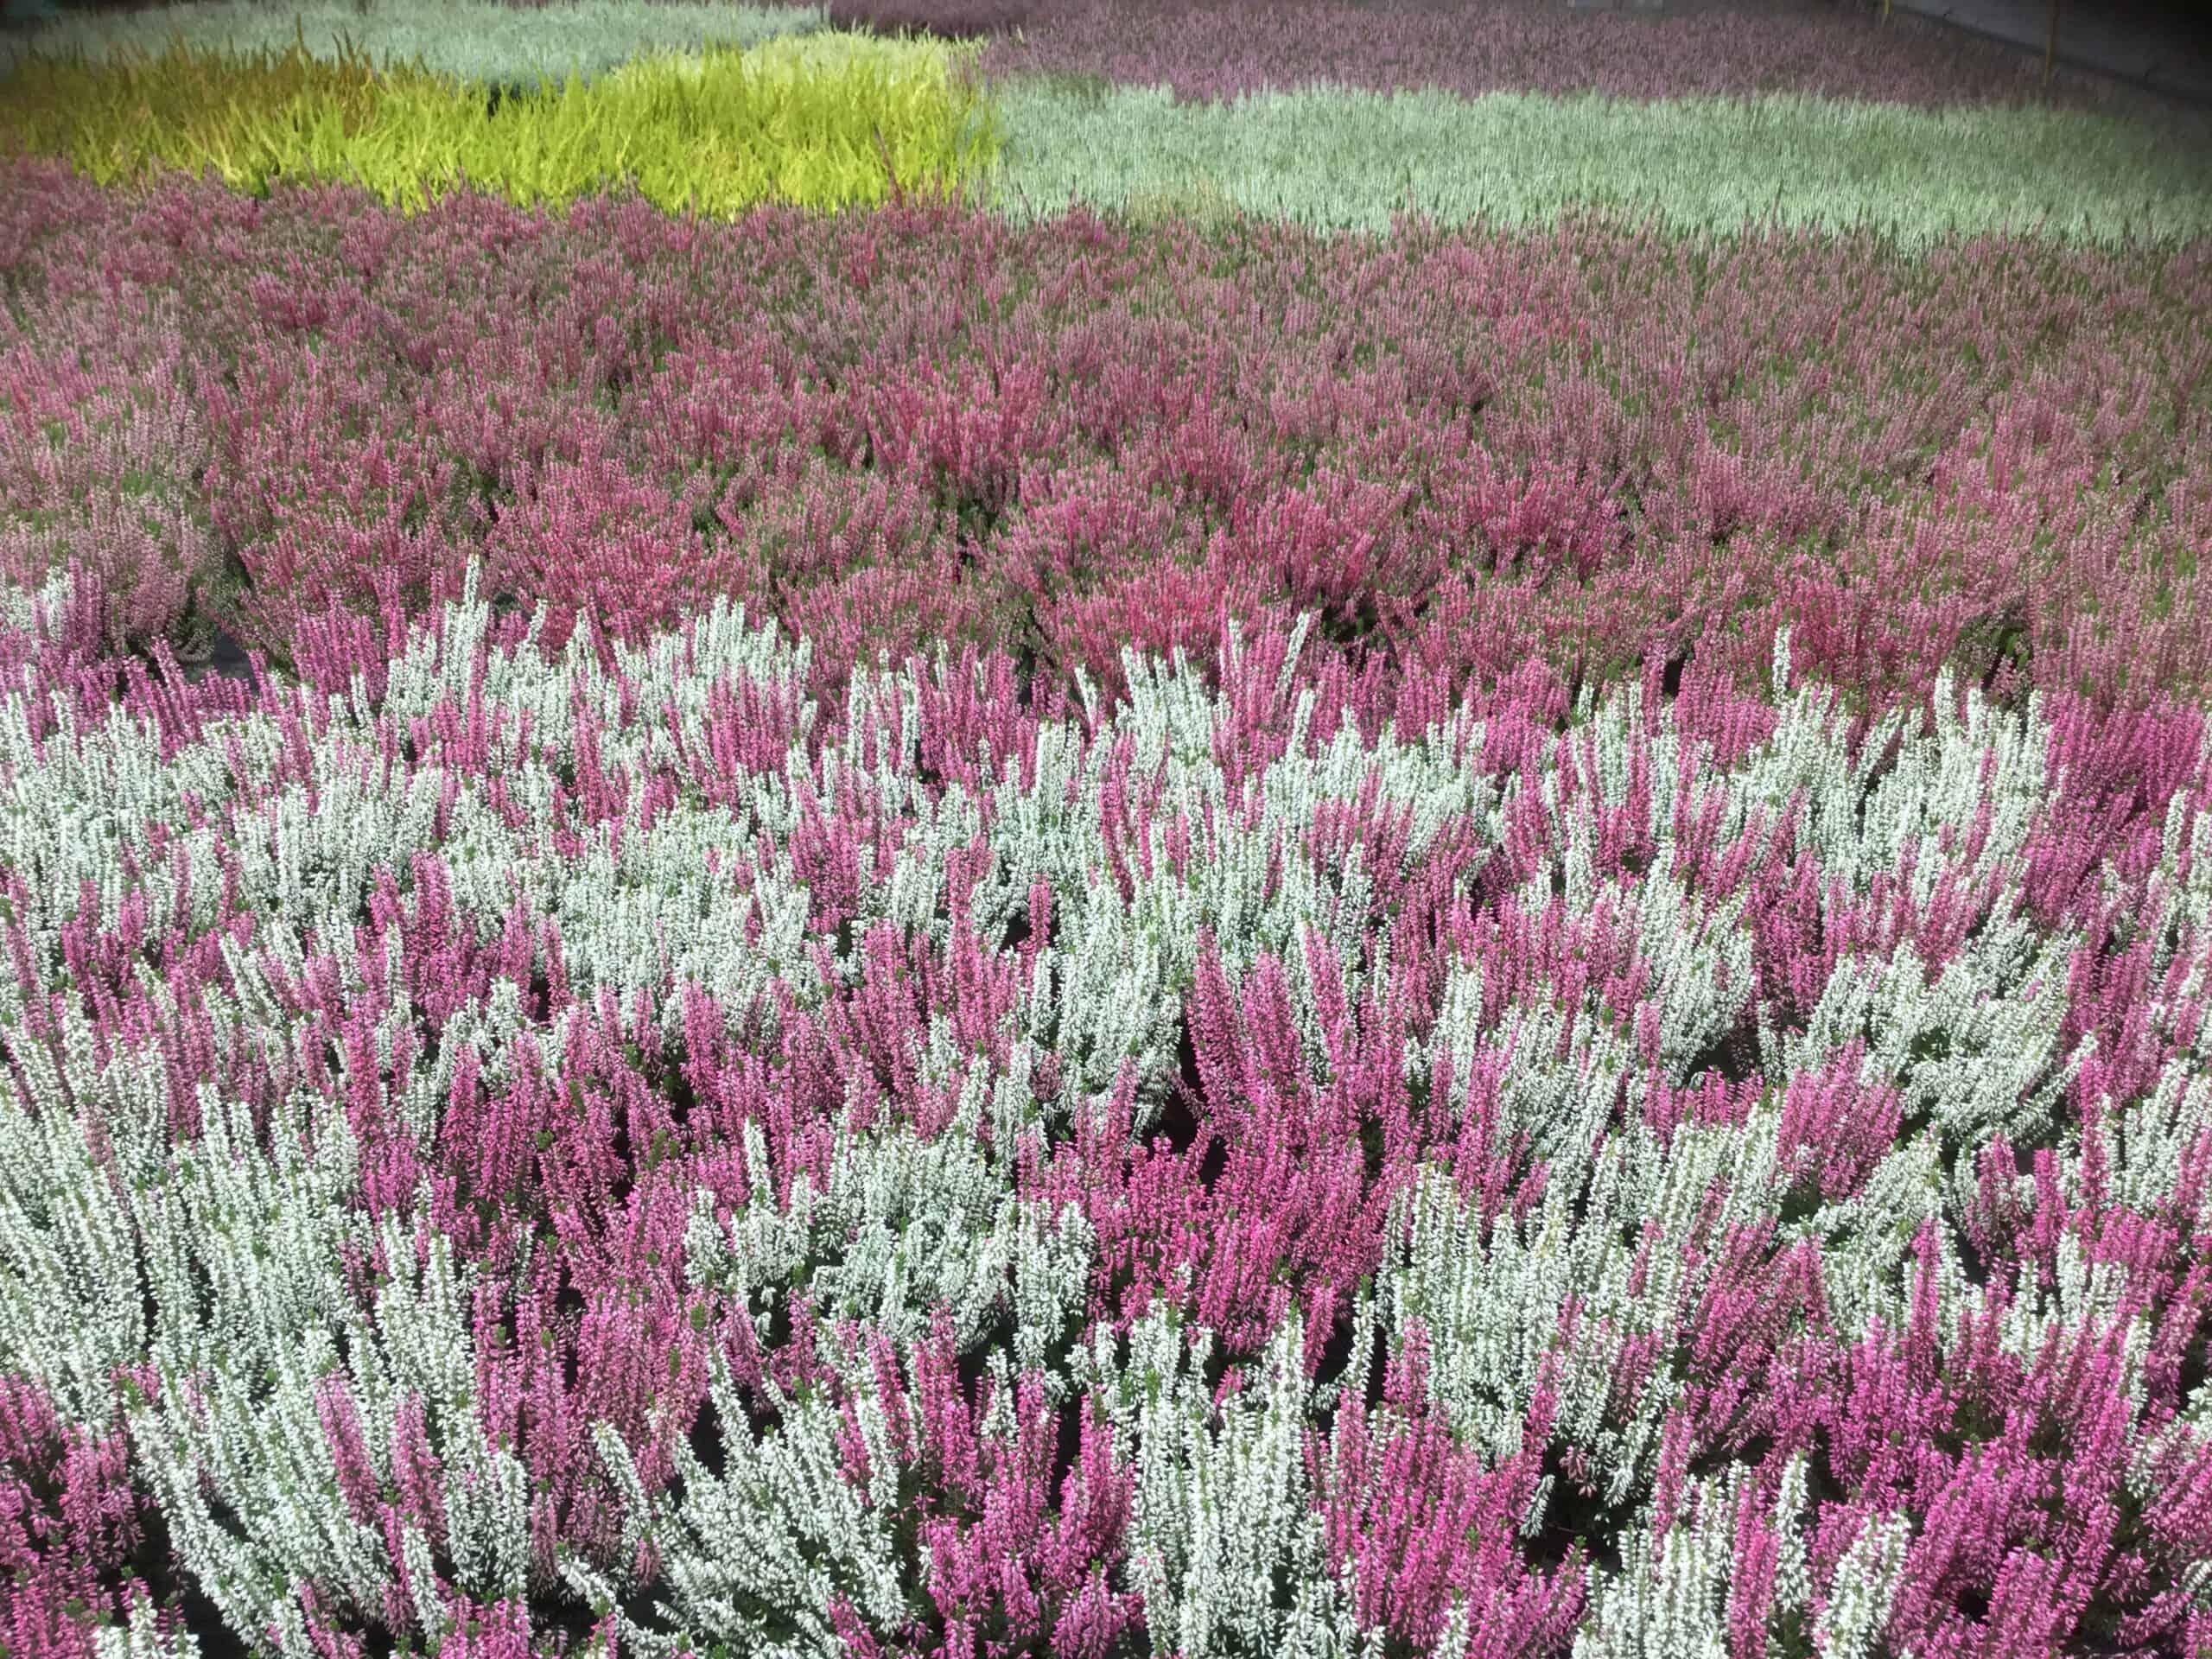 Herbst 2020 Blumen-Luz Altesnteig Corona Hoffnung (3)